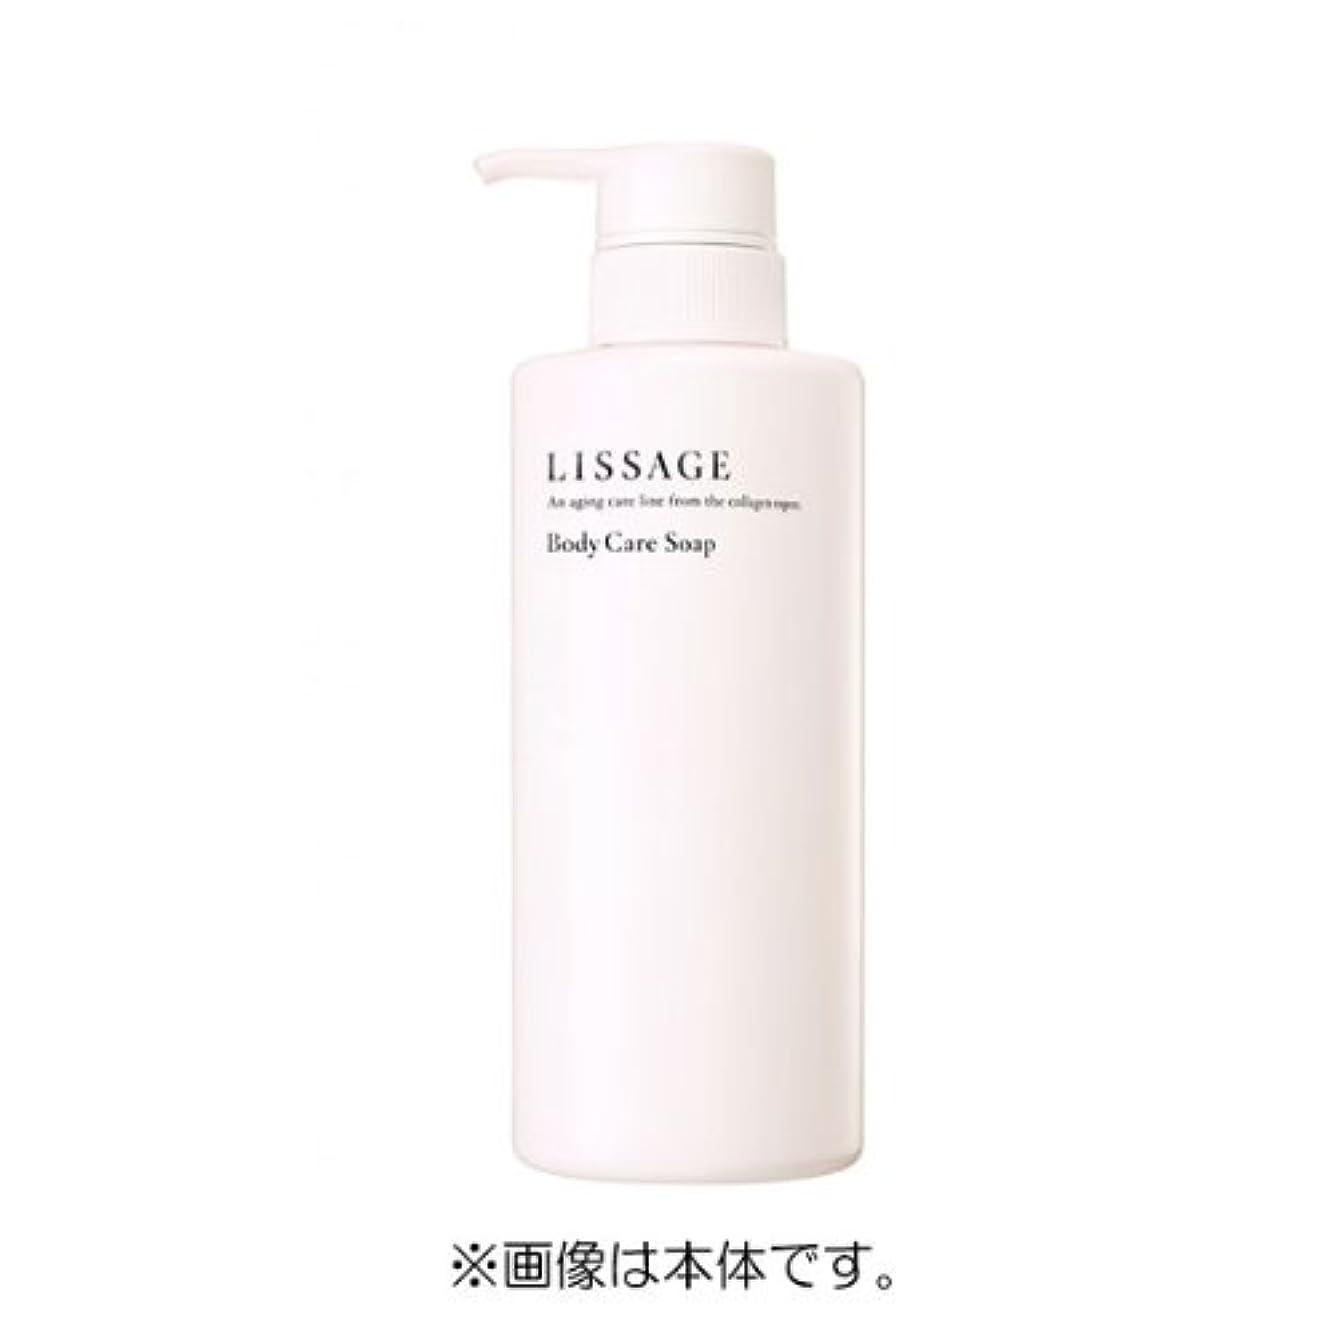 かる降臨合法【リサージ】ボディケアソープ (レフィル) [ ボディ用洗浄料 ] 350mL